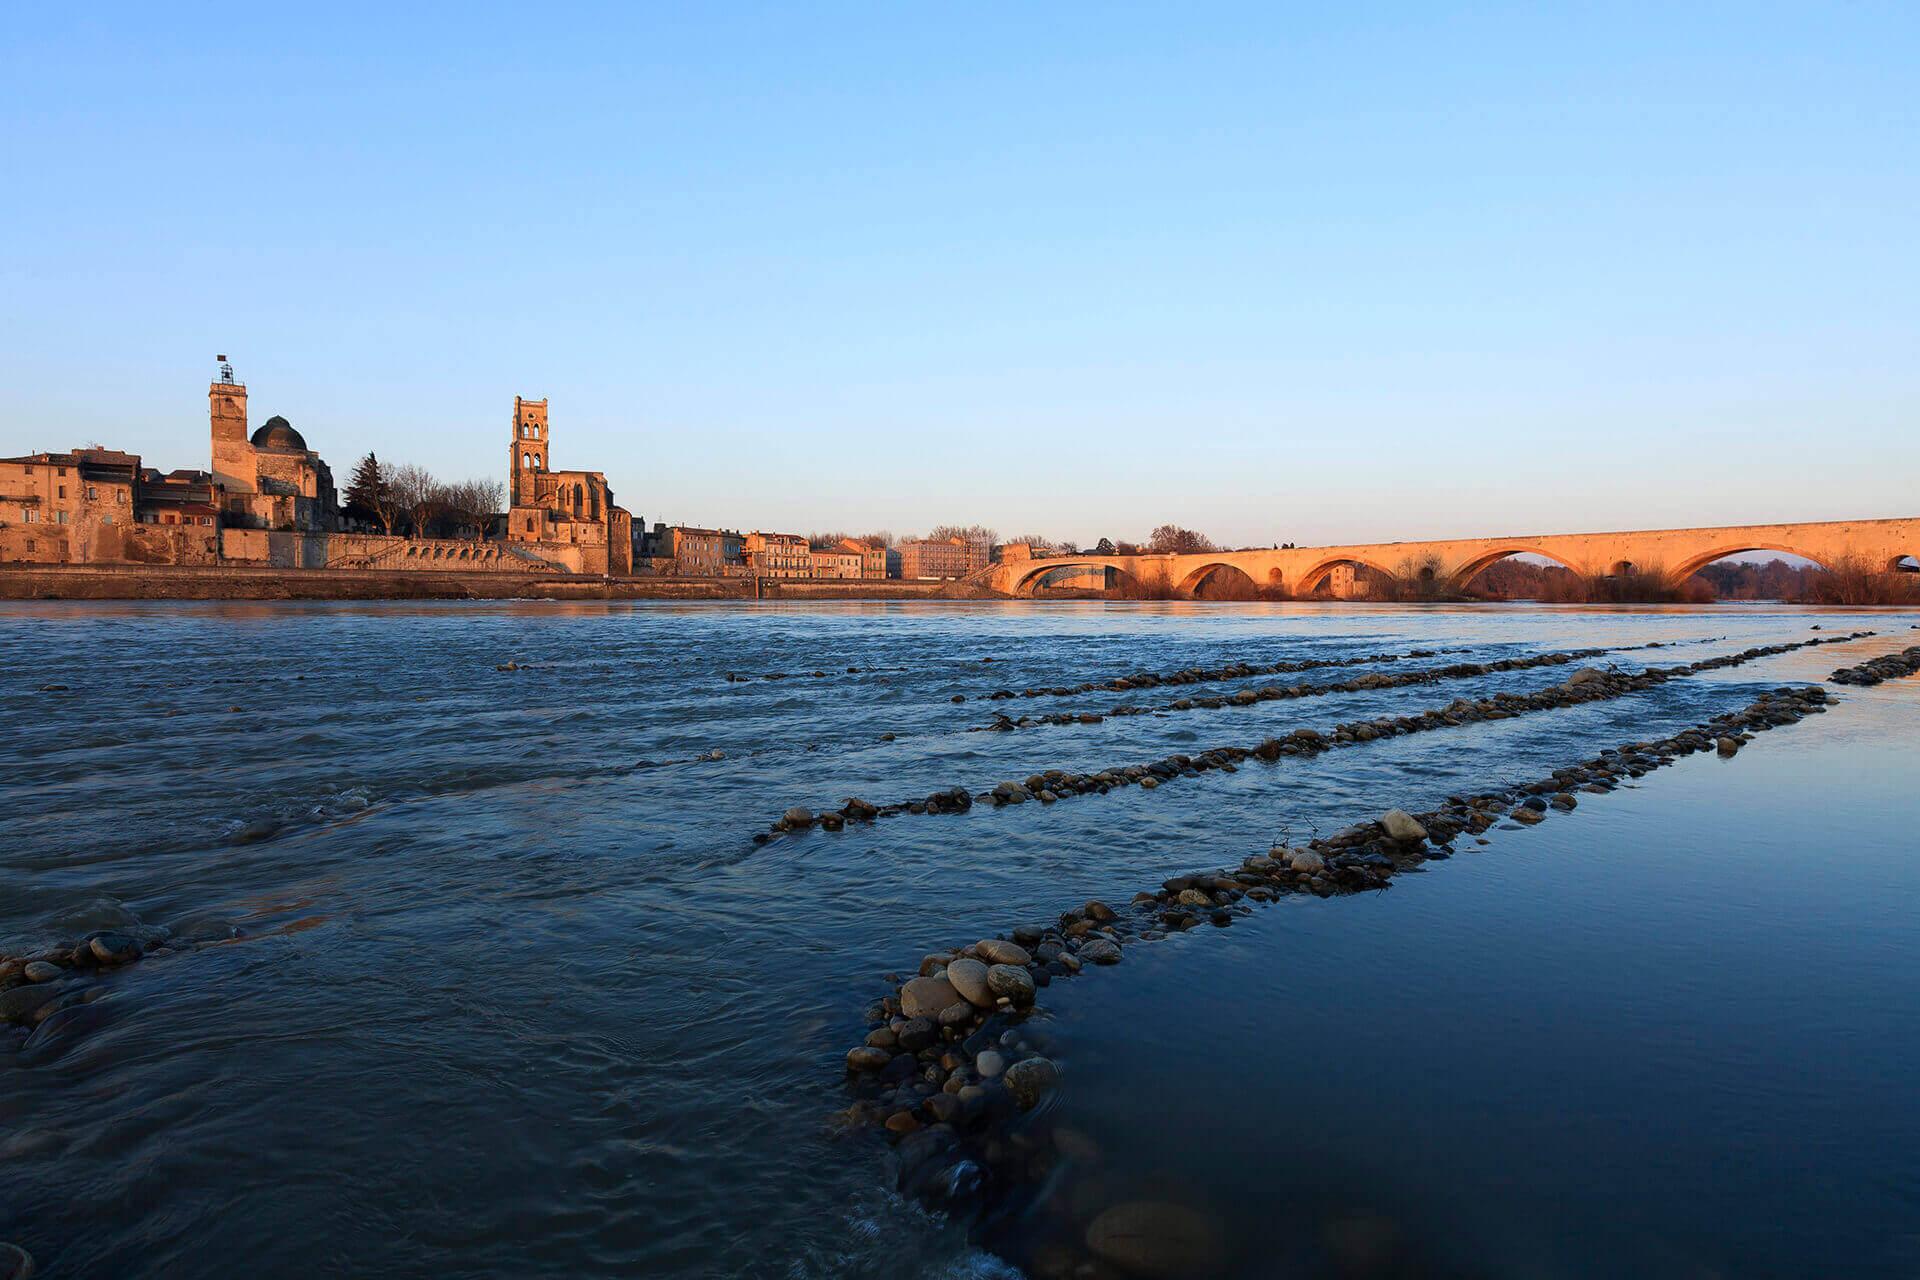 Le fleuve Rhône, Km 637 Gard, Pont-Saint-Esprit, le vieux Rhône